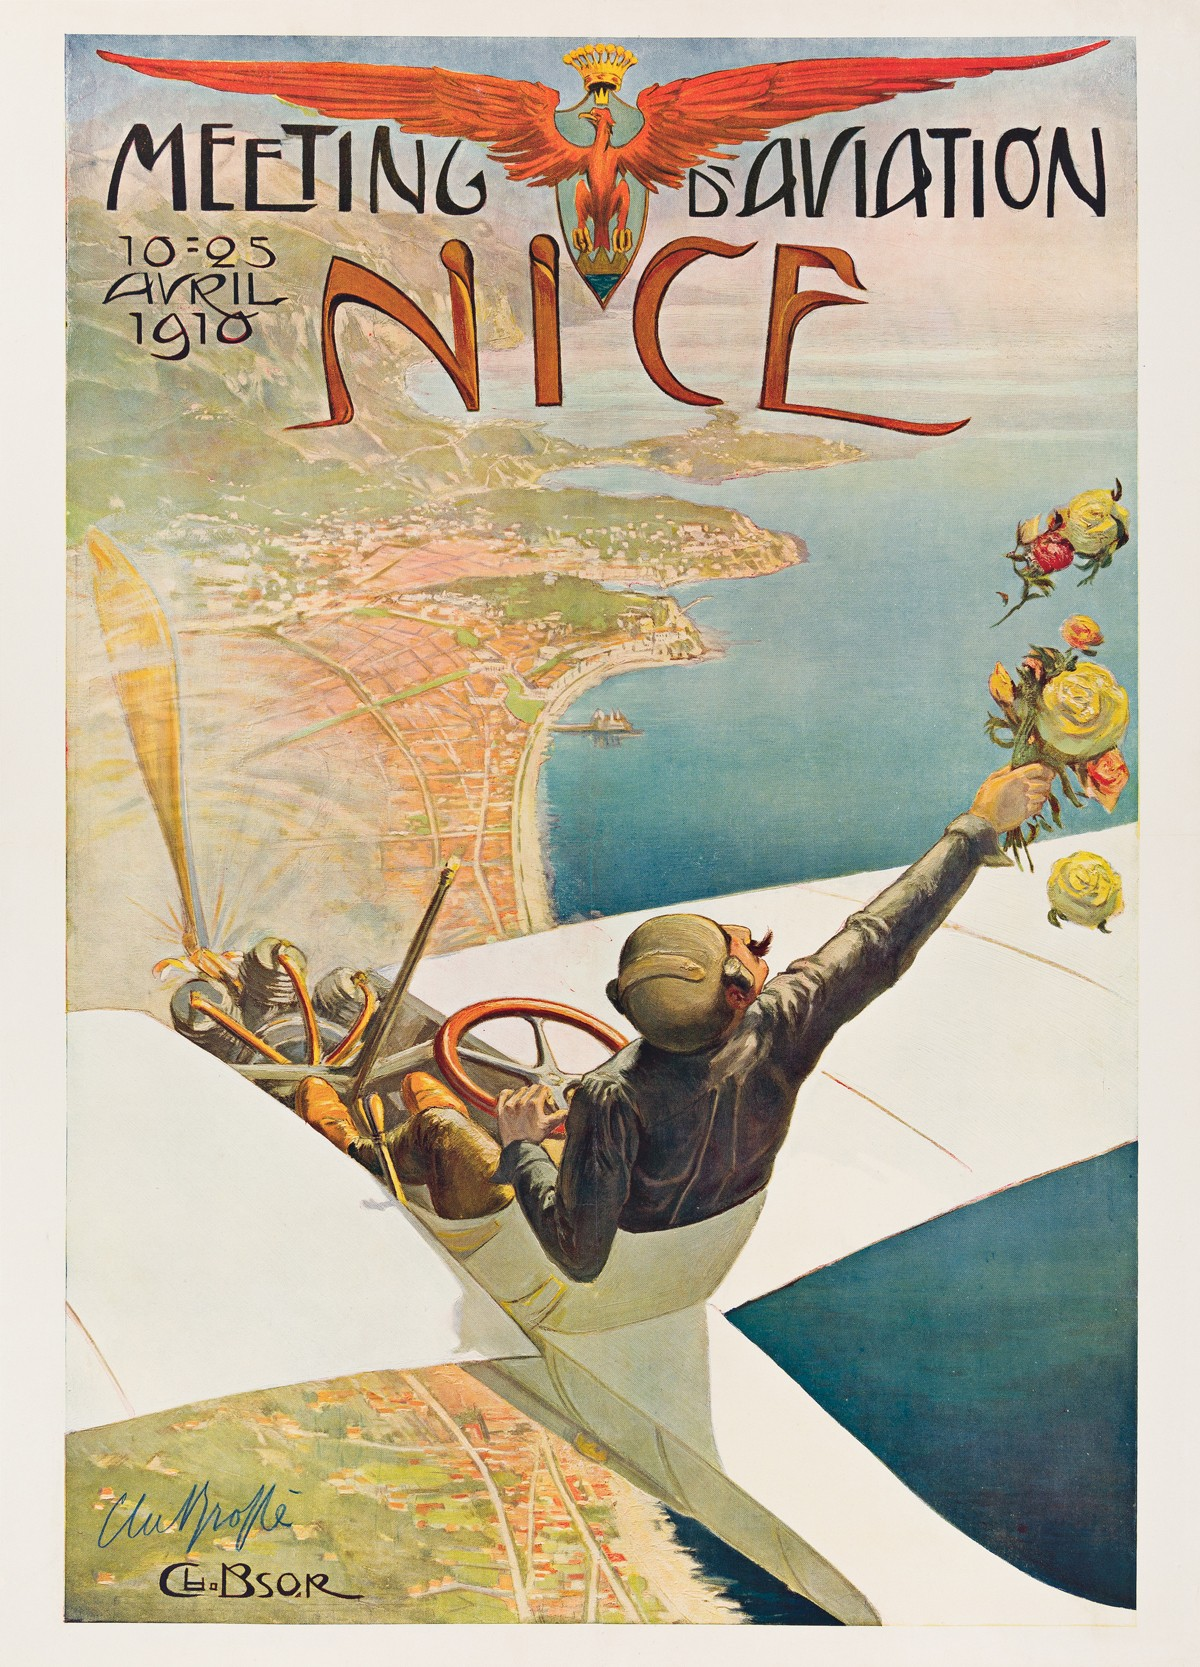 Vintage flight ad for Nice, France